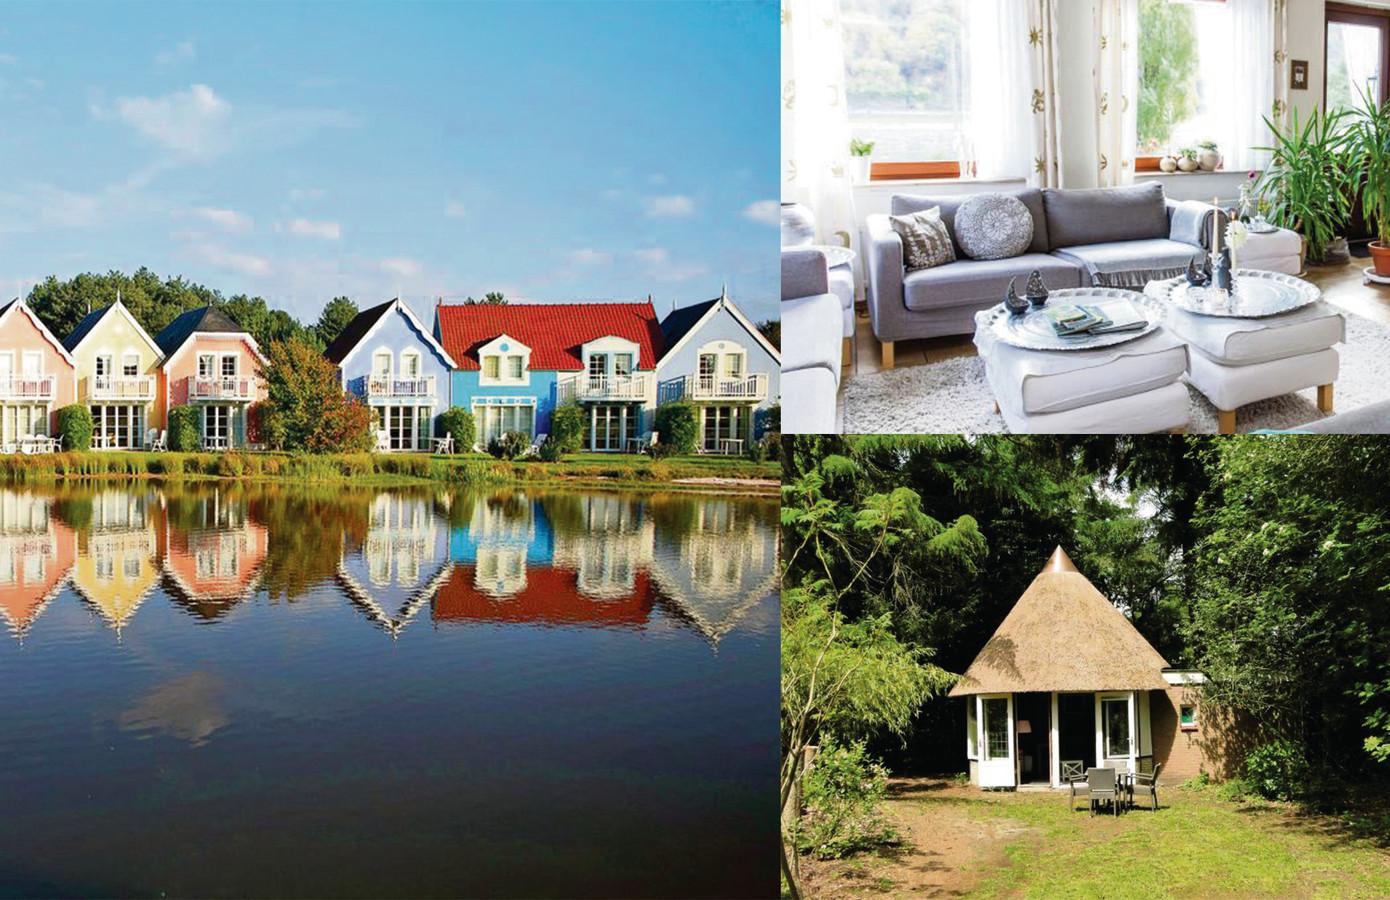 Reisexpert Johan Lambrechts zocht uit waar je in België, Nederland, Frankrijk en Duitsland nog een vakantiehuisje voor de herfstvakantie kan boeken.